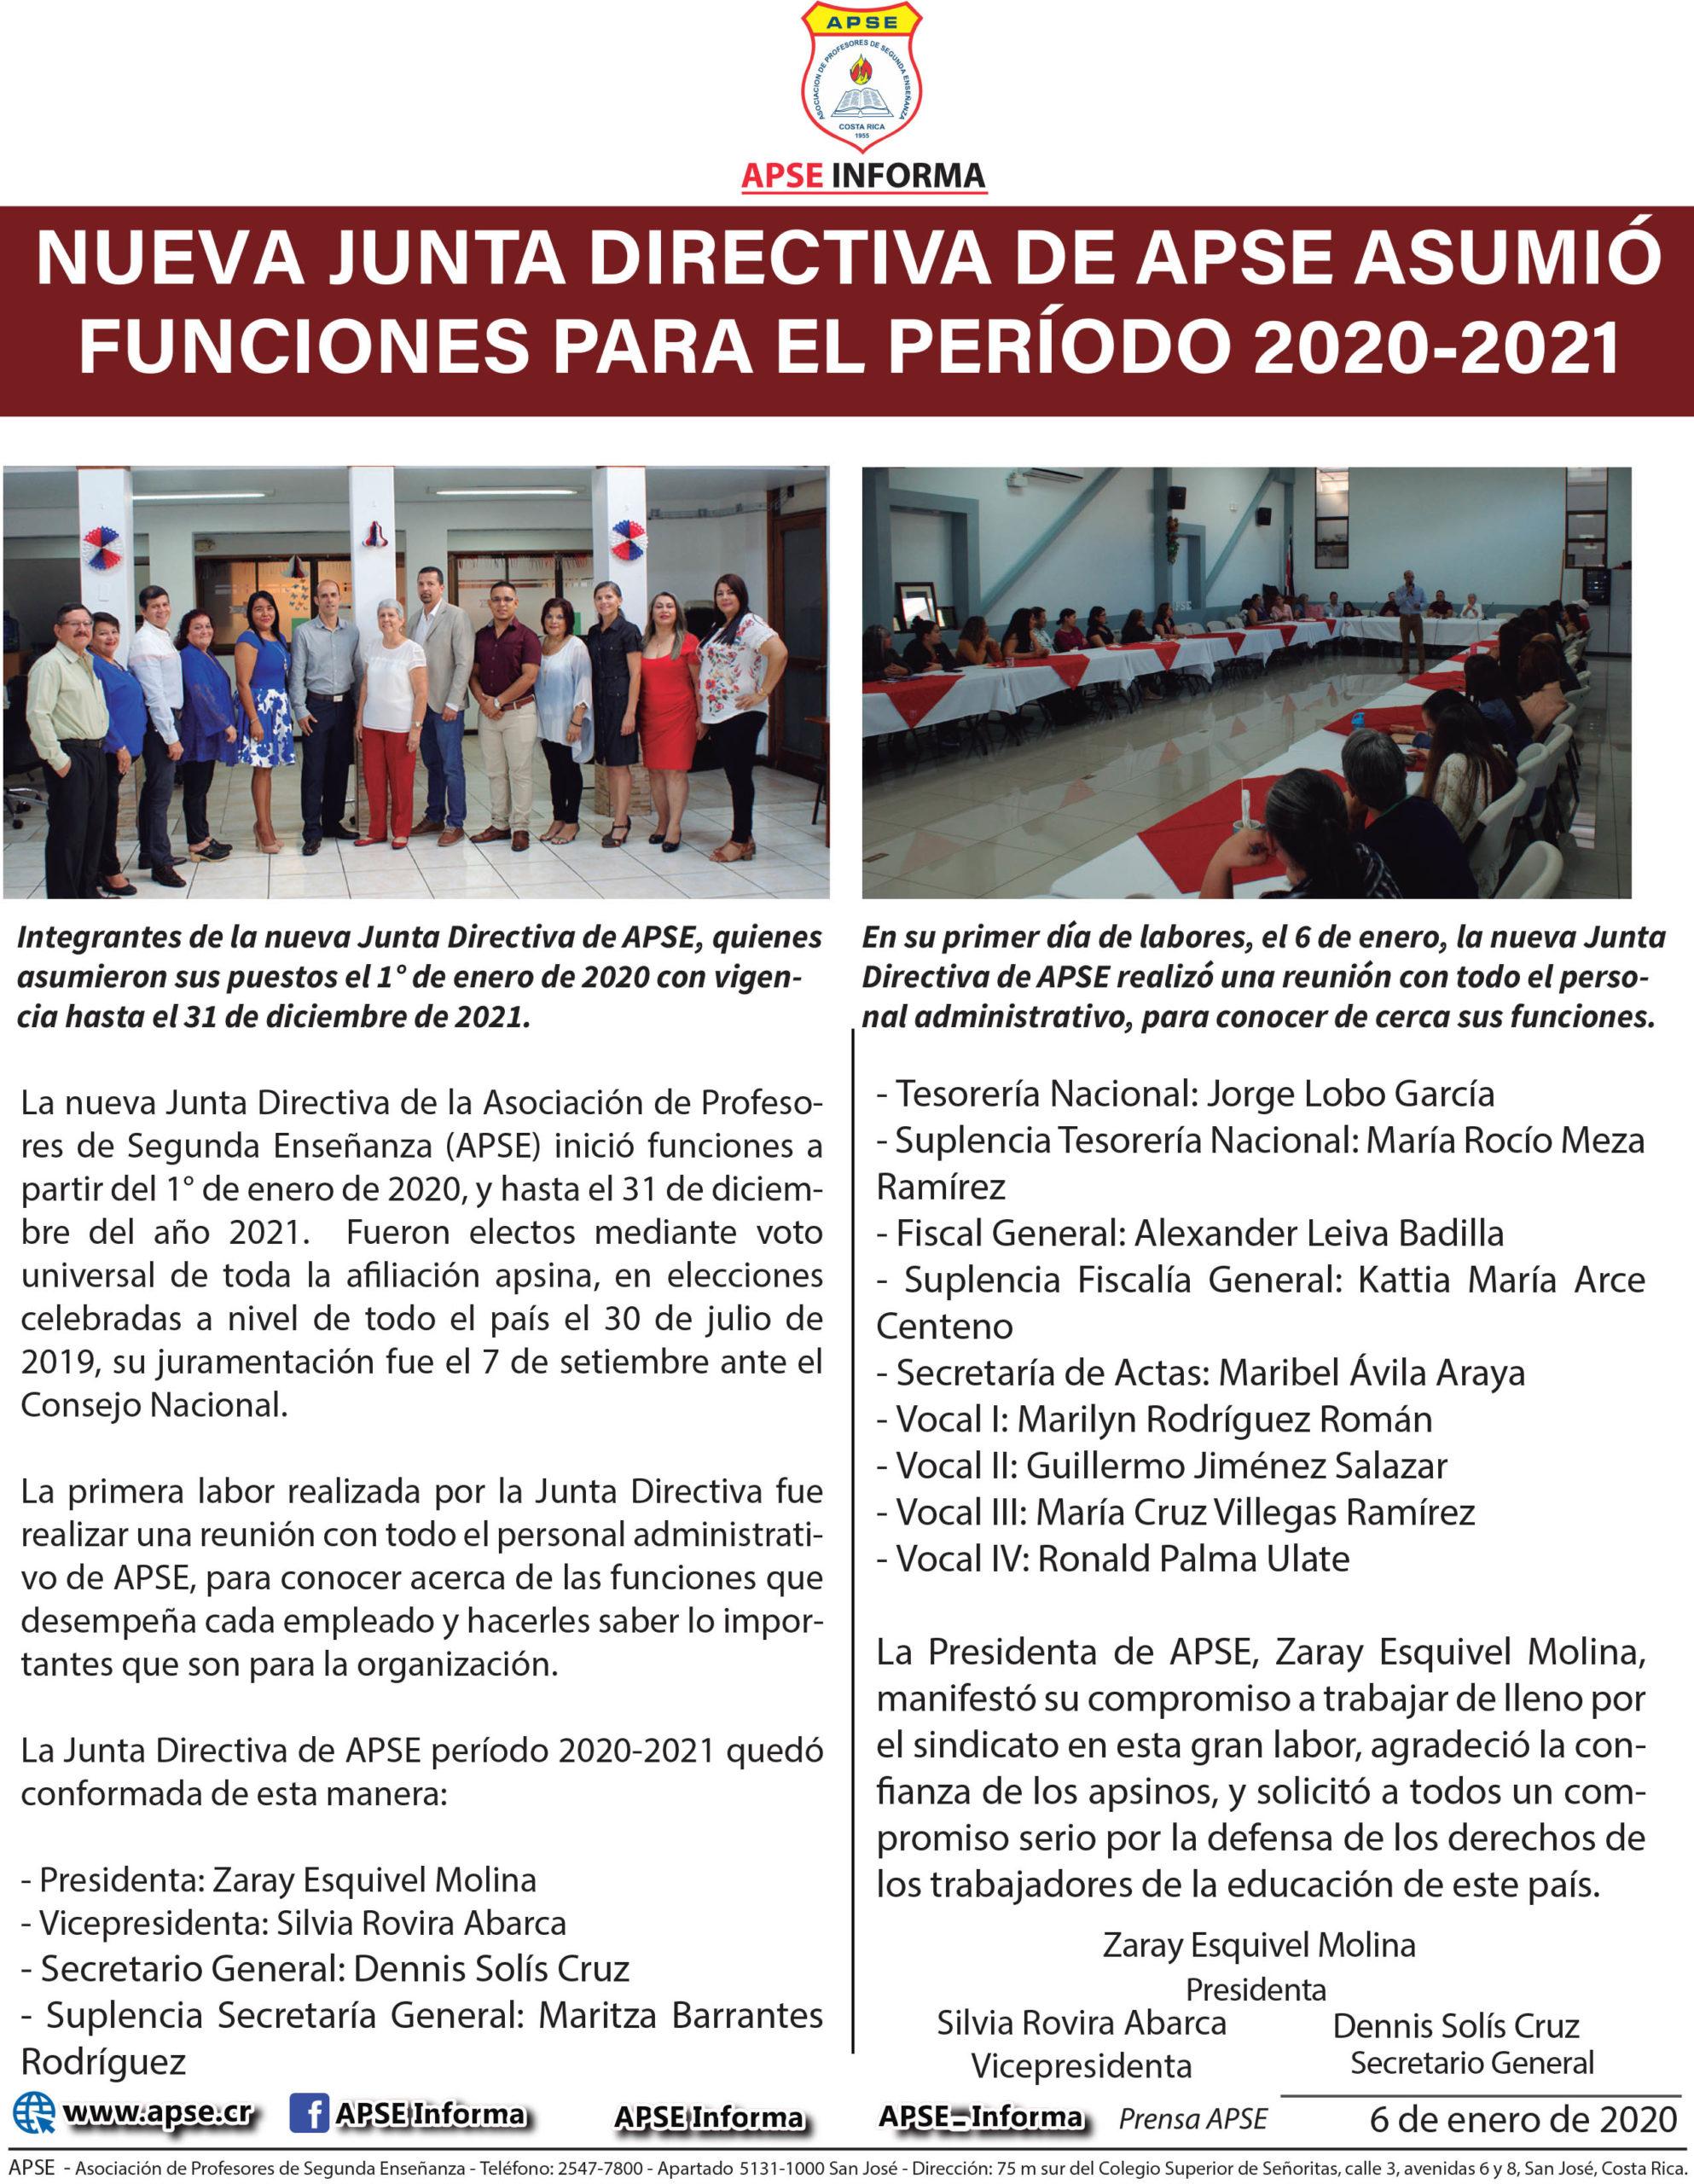 Nueva Junta Directiva de APSE asumió funciones para el período 2020-2021